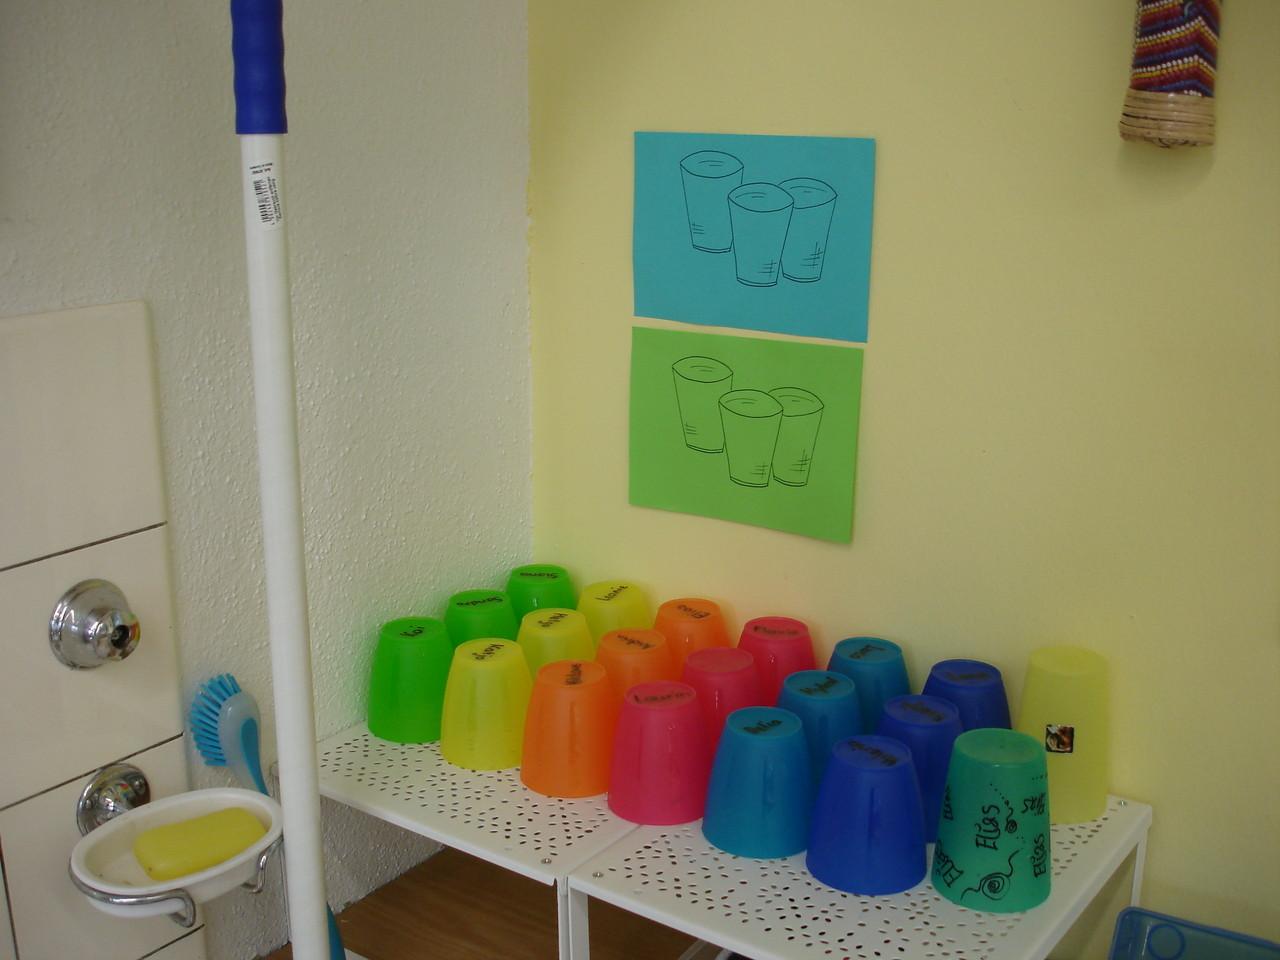 Mit den Kindern den Ordnungssinn schulen und aufzeigen, wo die Unterrichtshilfen versorgt werden